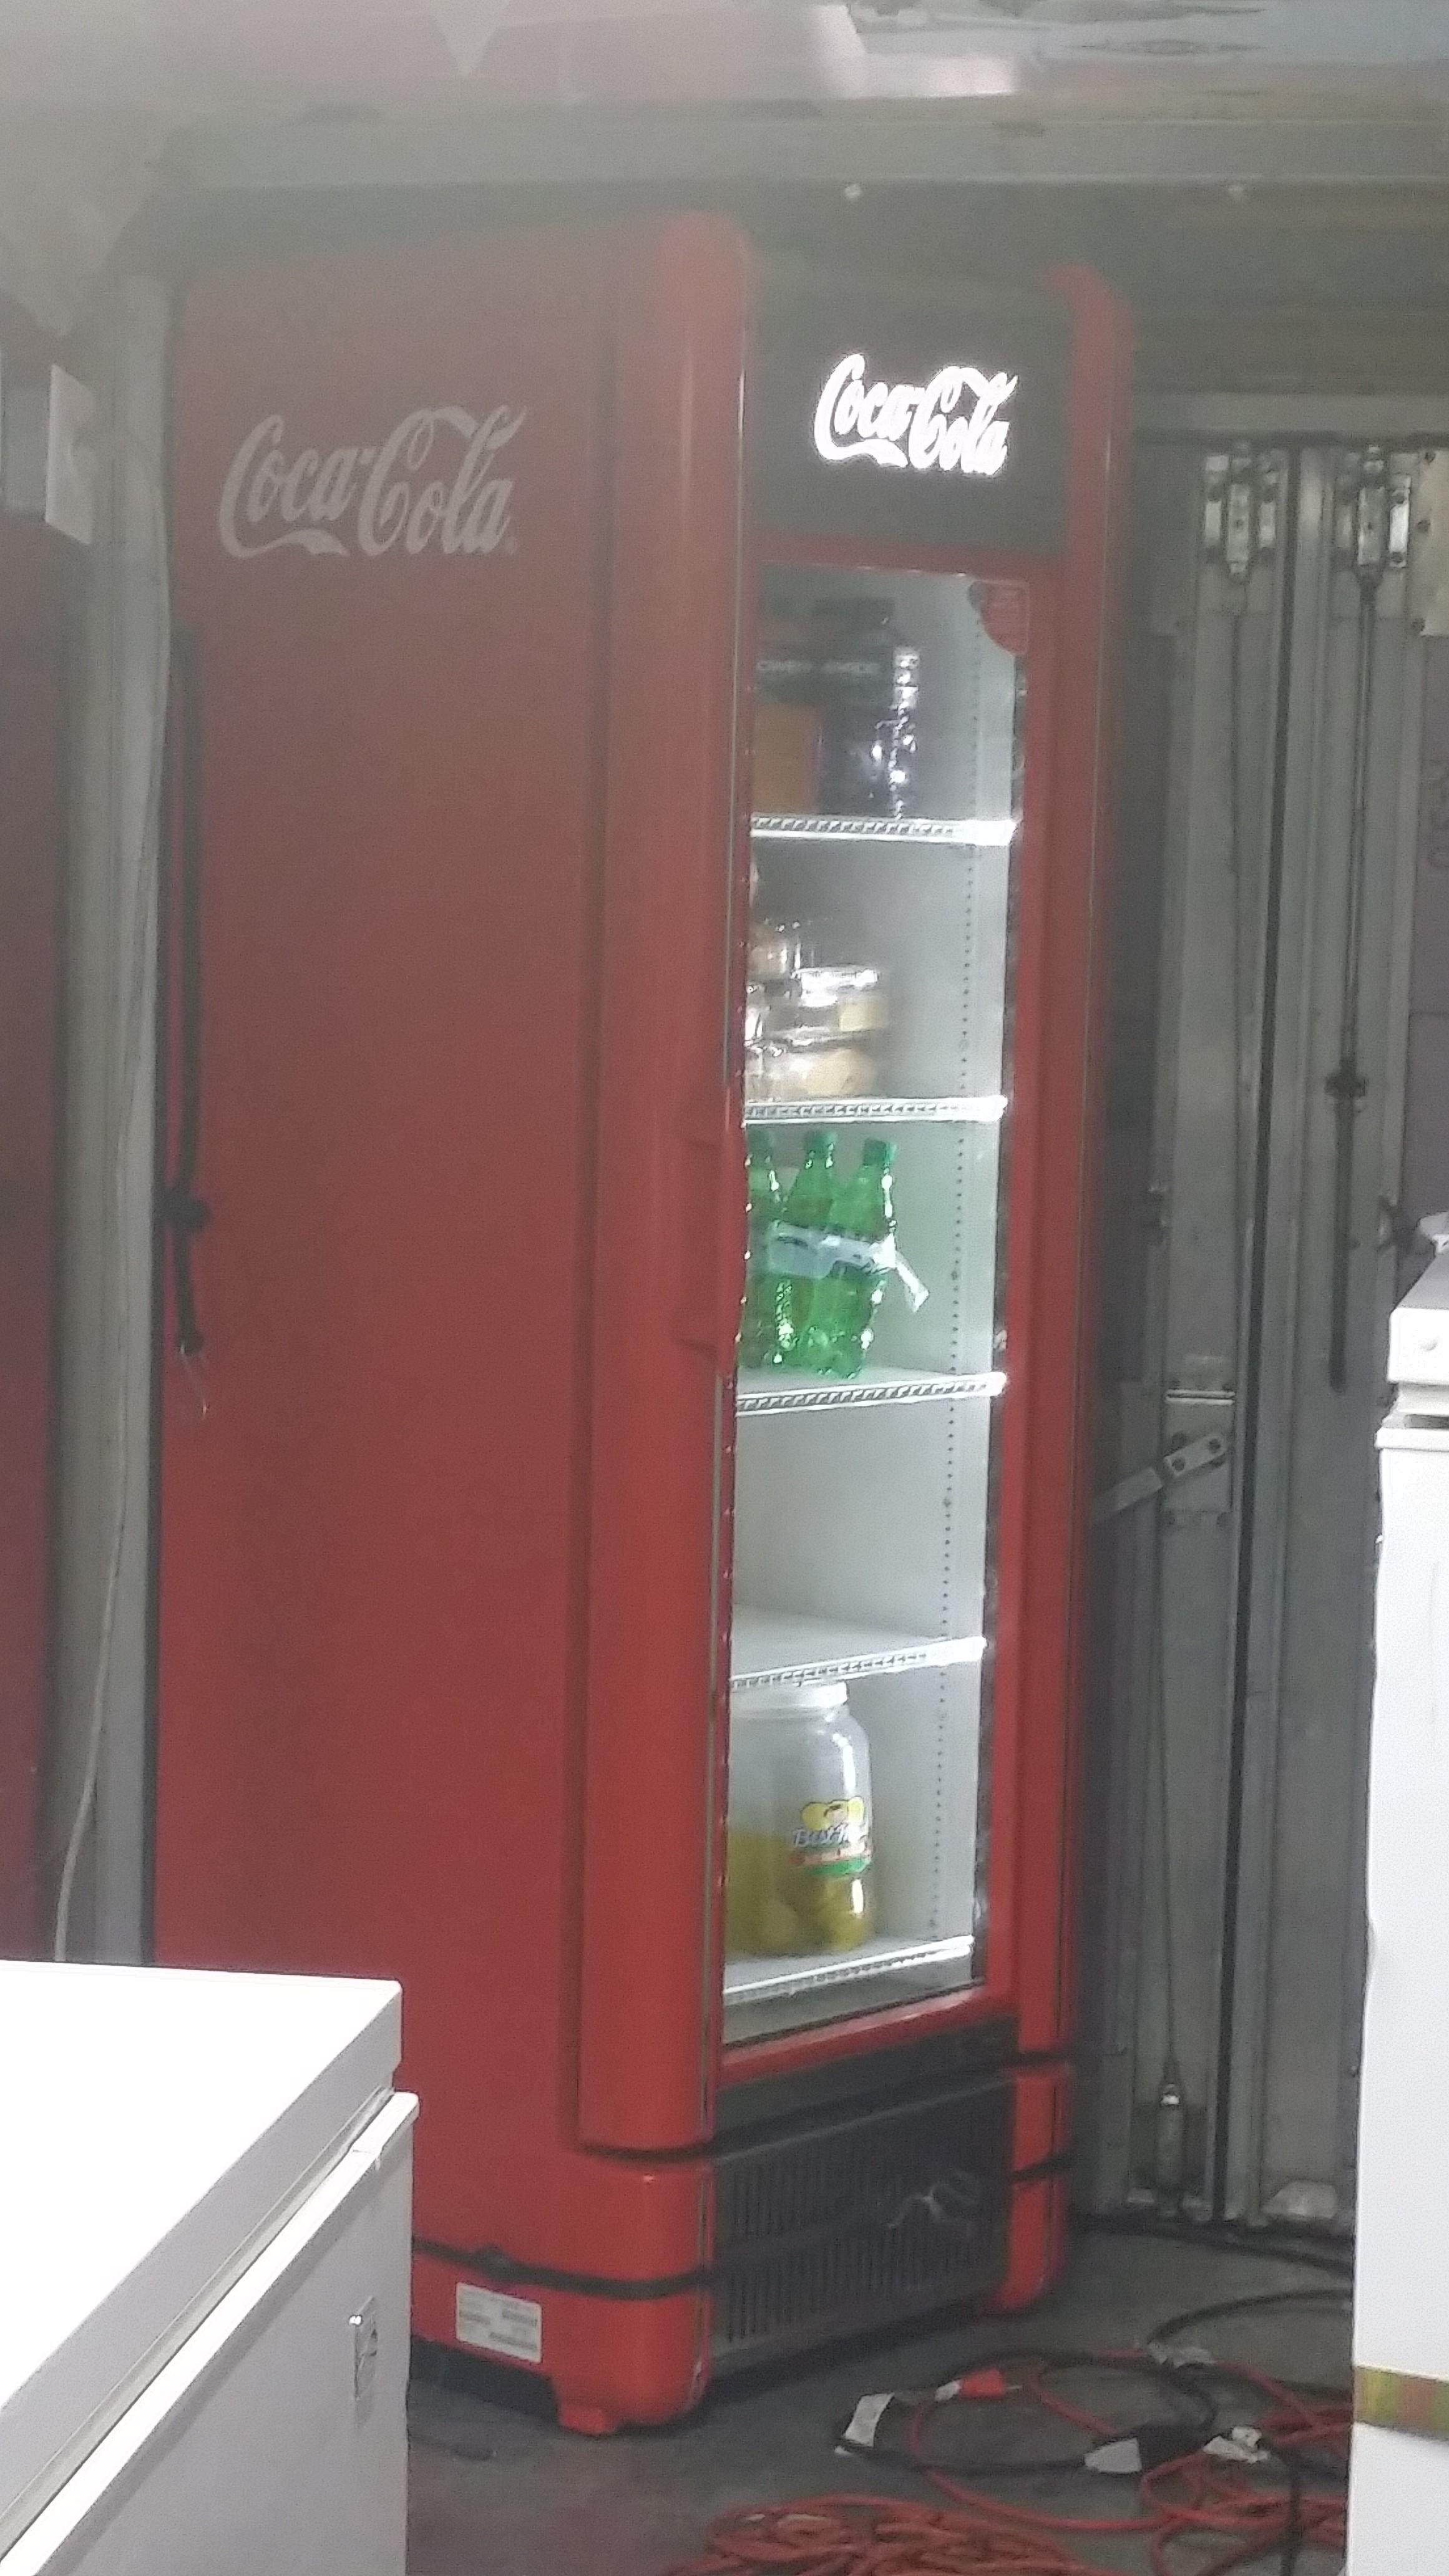 Dallas food truck mr.sugar rush sponsored by coca-cola